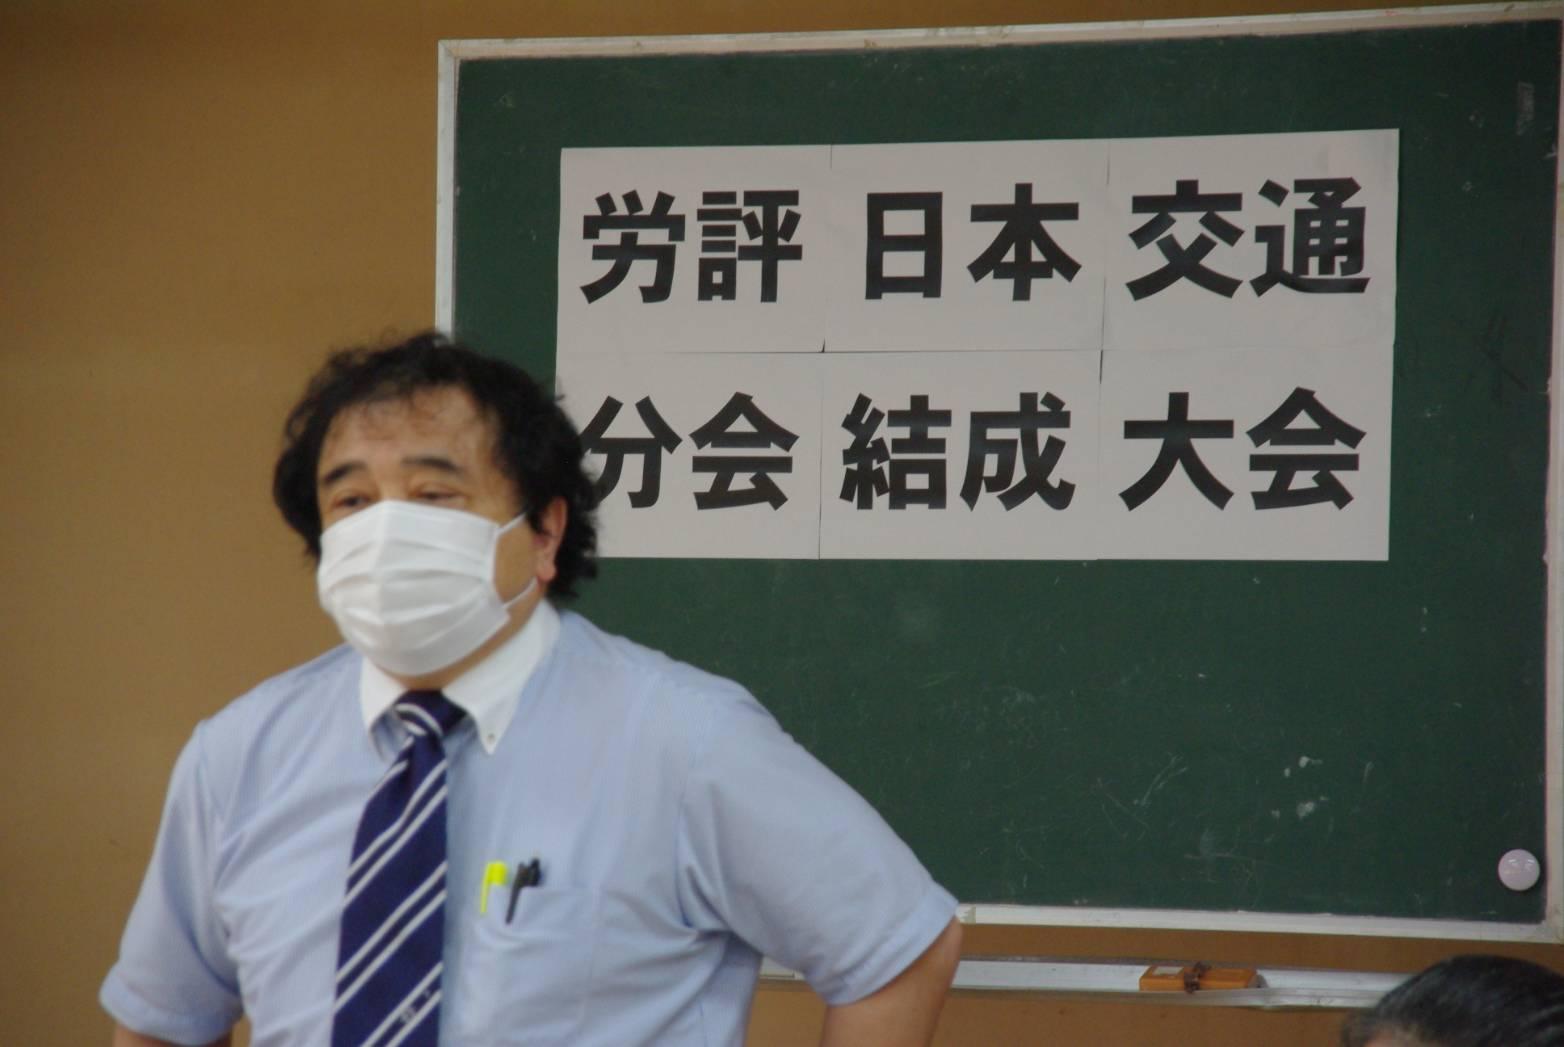 日本交通分会】分会結成大会を開催 - 日本労働評議会